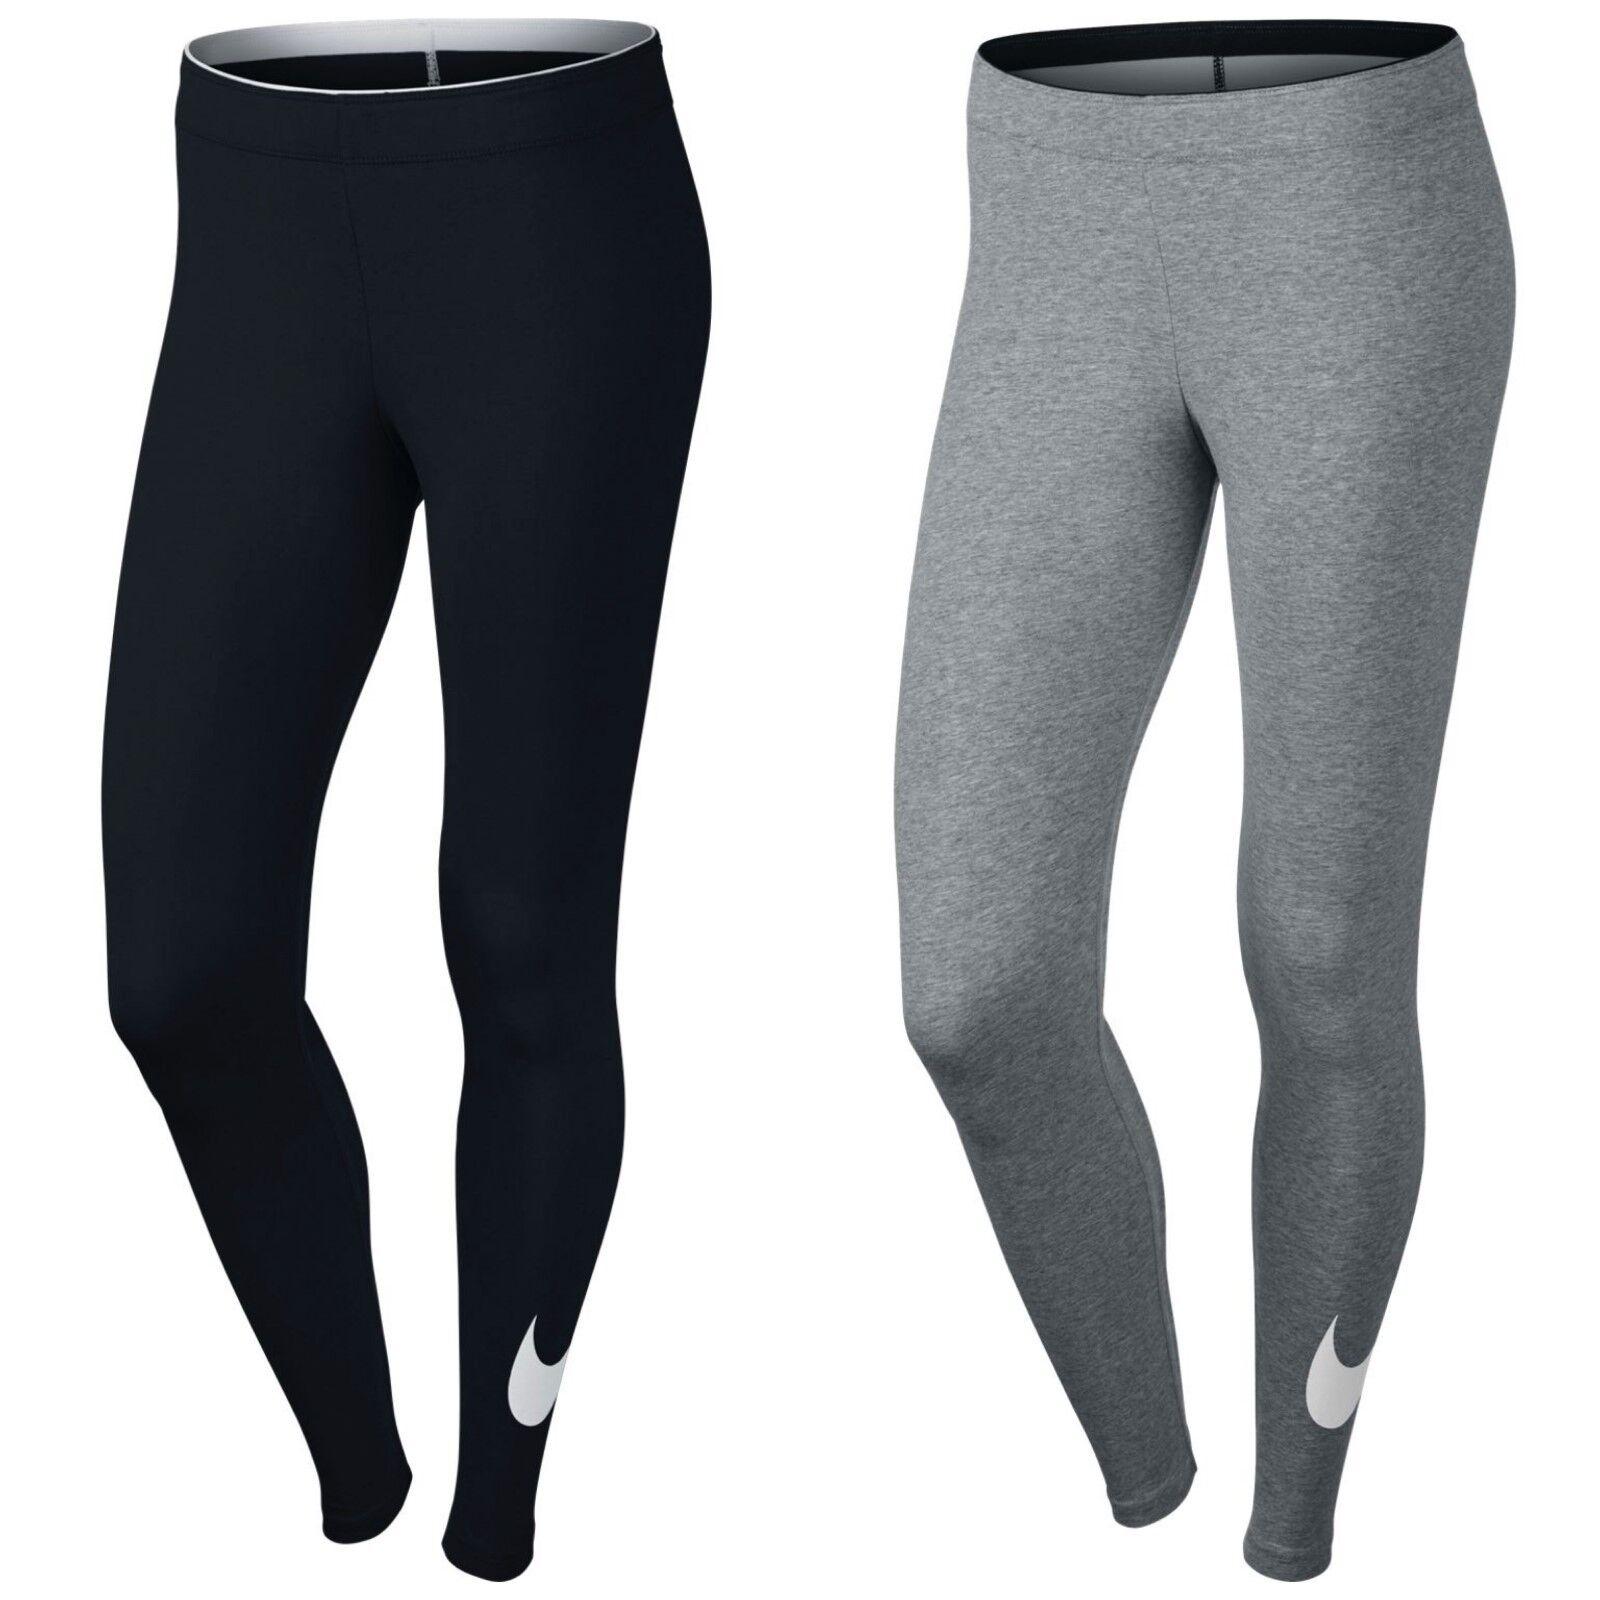 dbf41a0914f46e Nike Fitness Hose Damen Test Vergleich +++ Nike Fitness Hose Damen ...